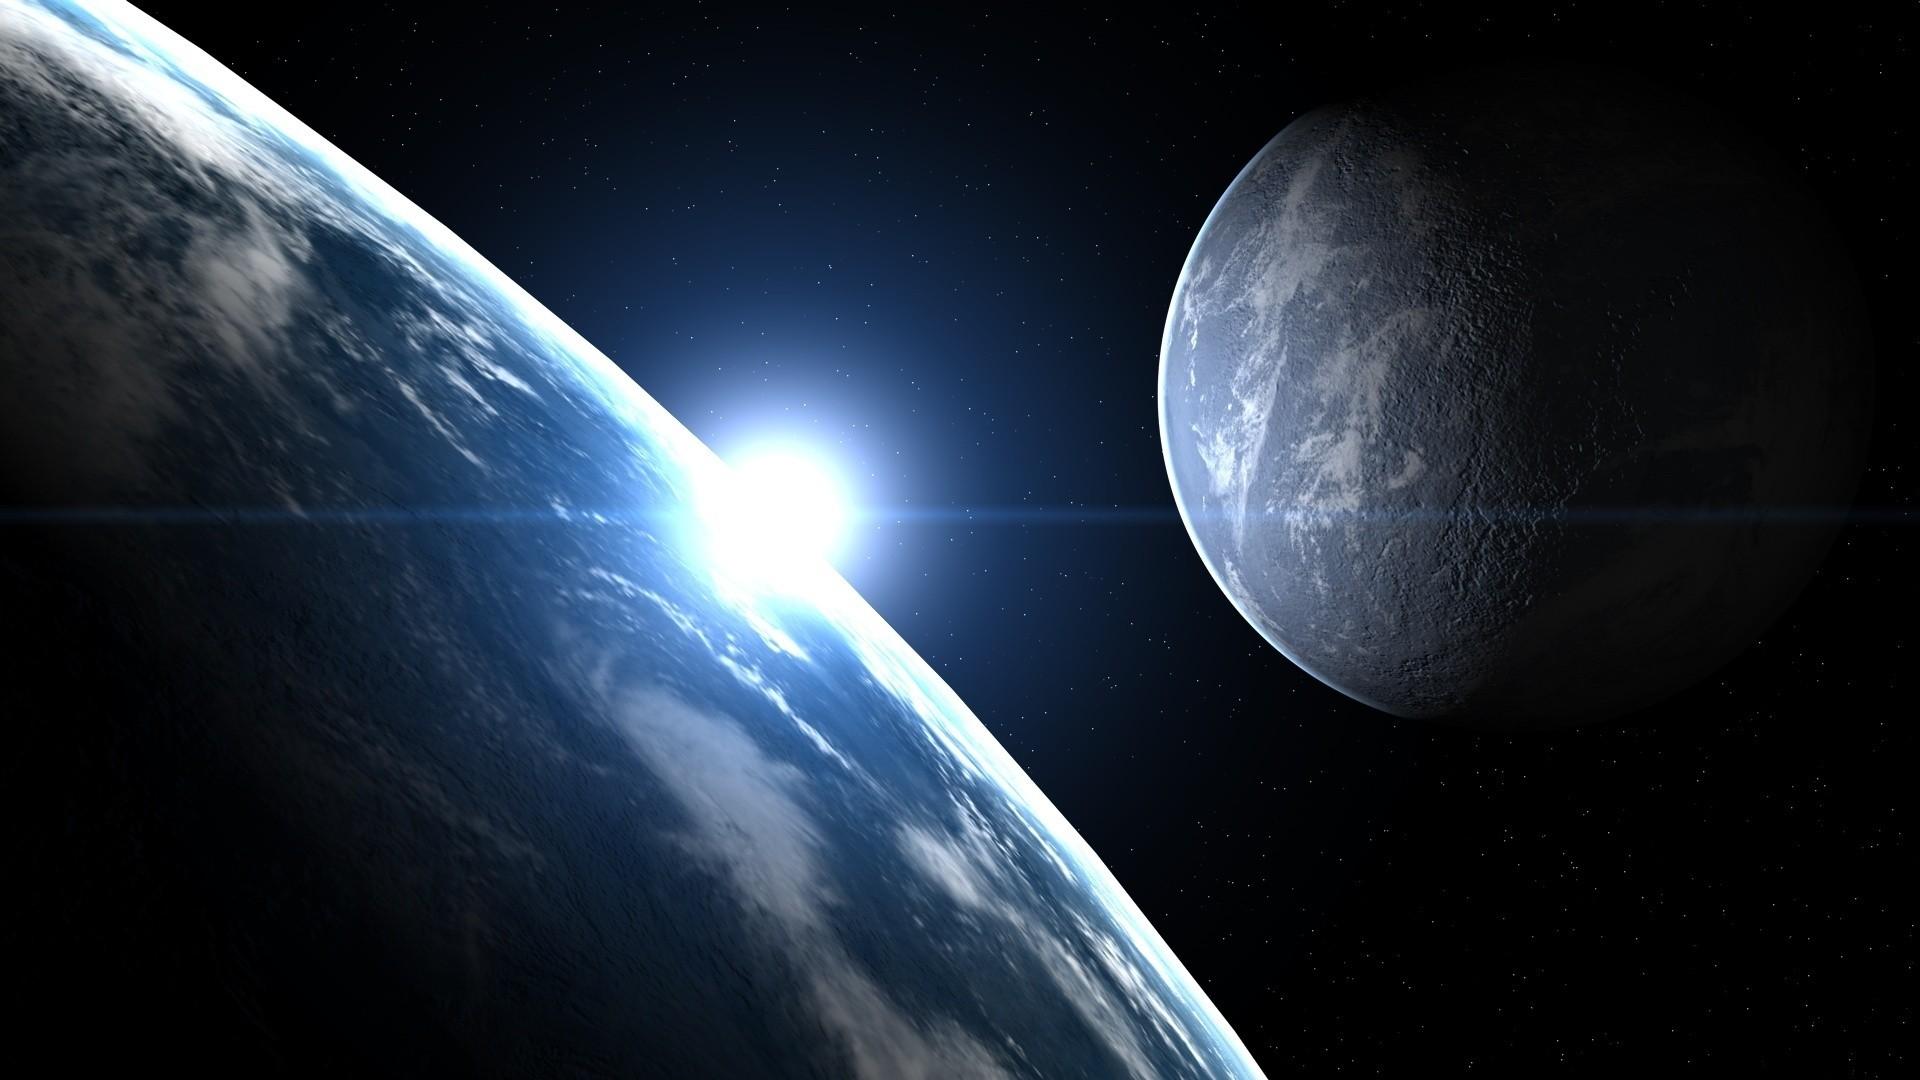 нашем фото луны из космоса высокого разрешения вид очень приятный